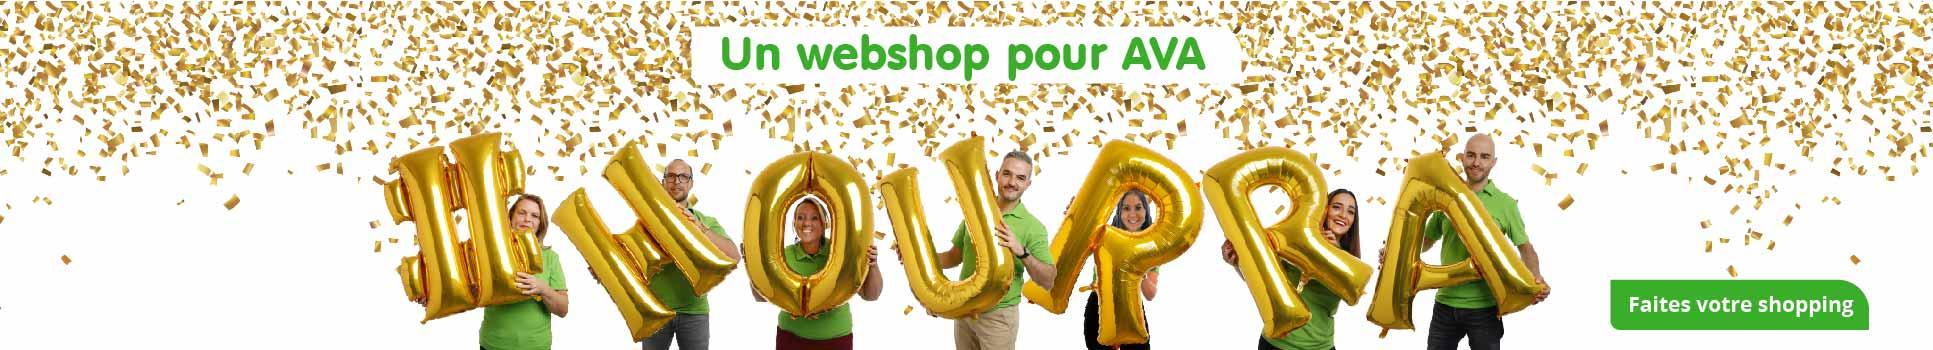 Hourra webshop